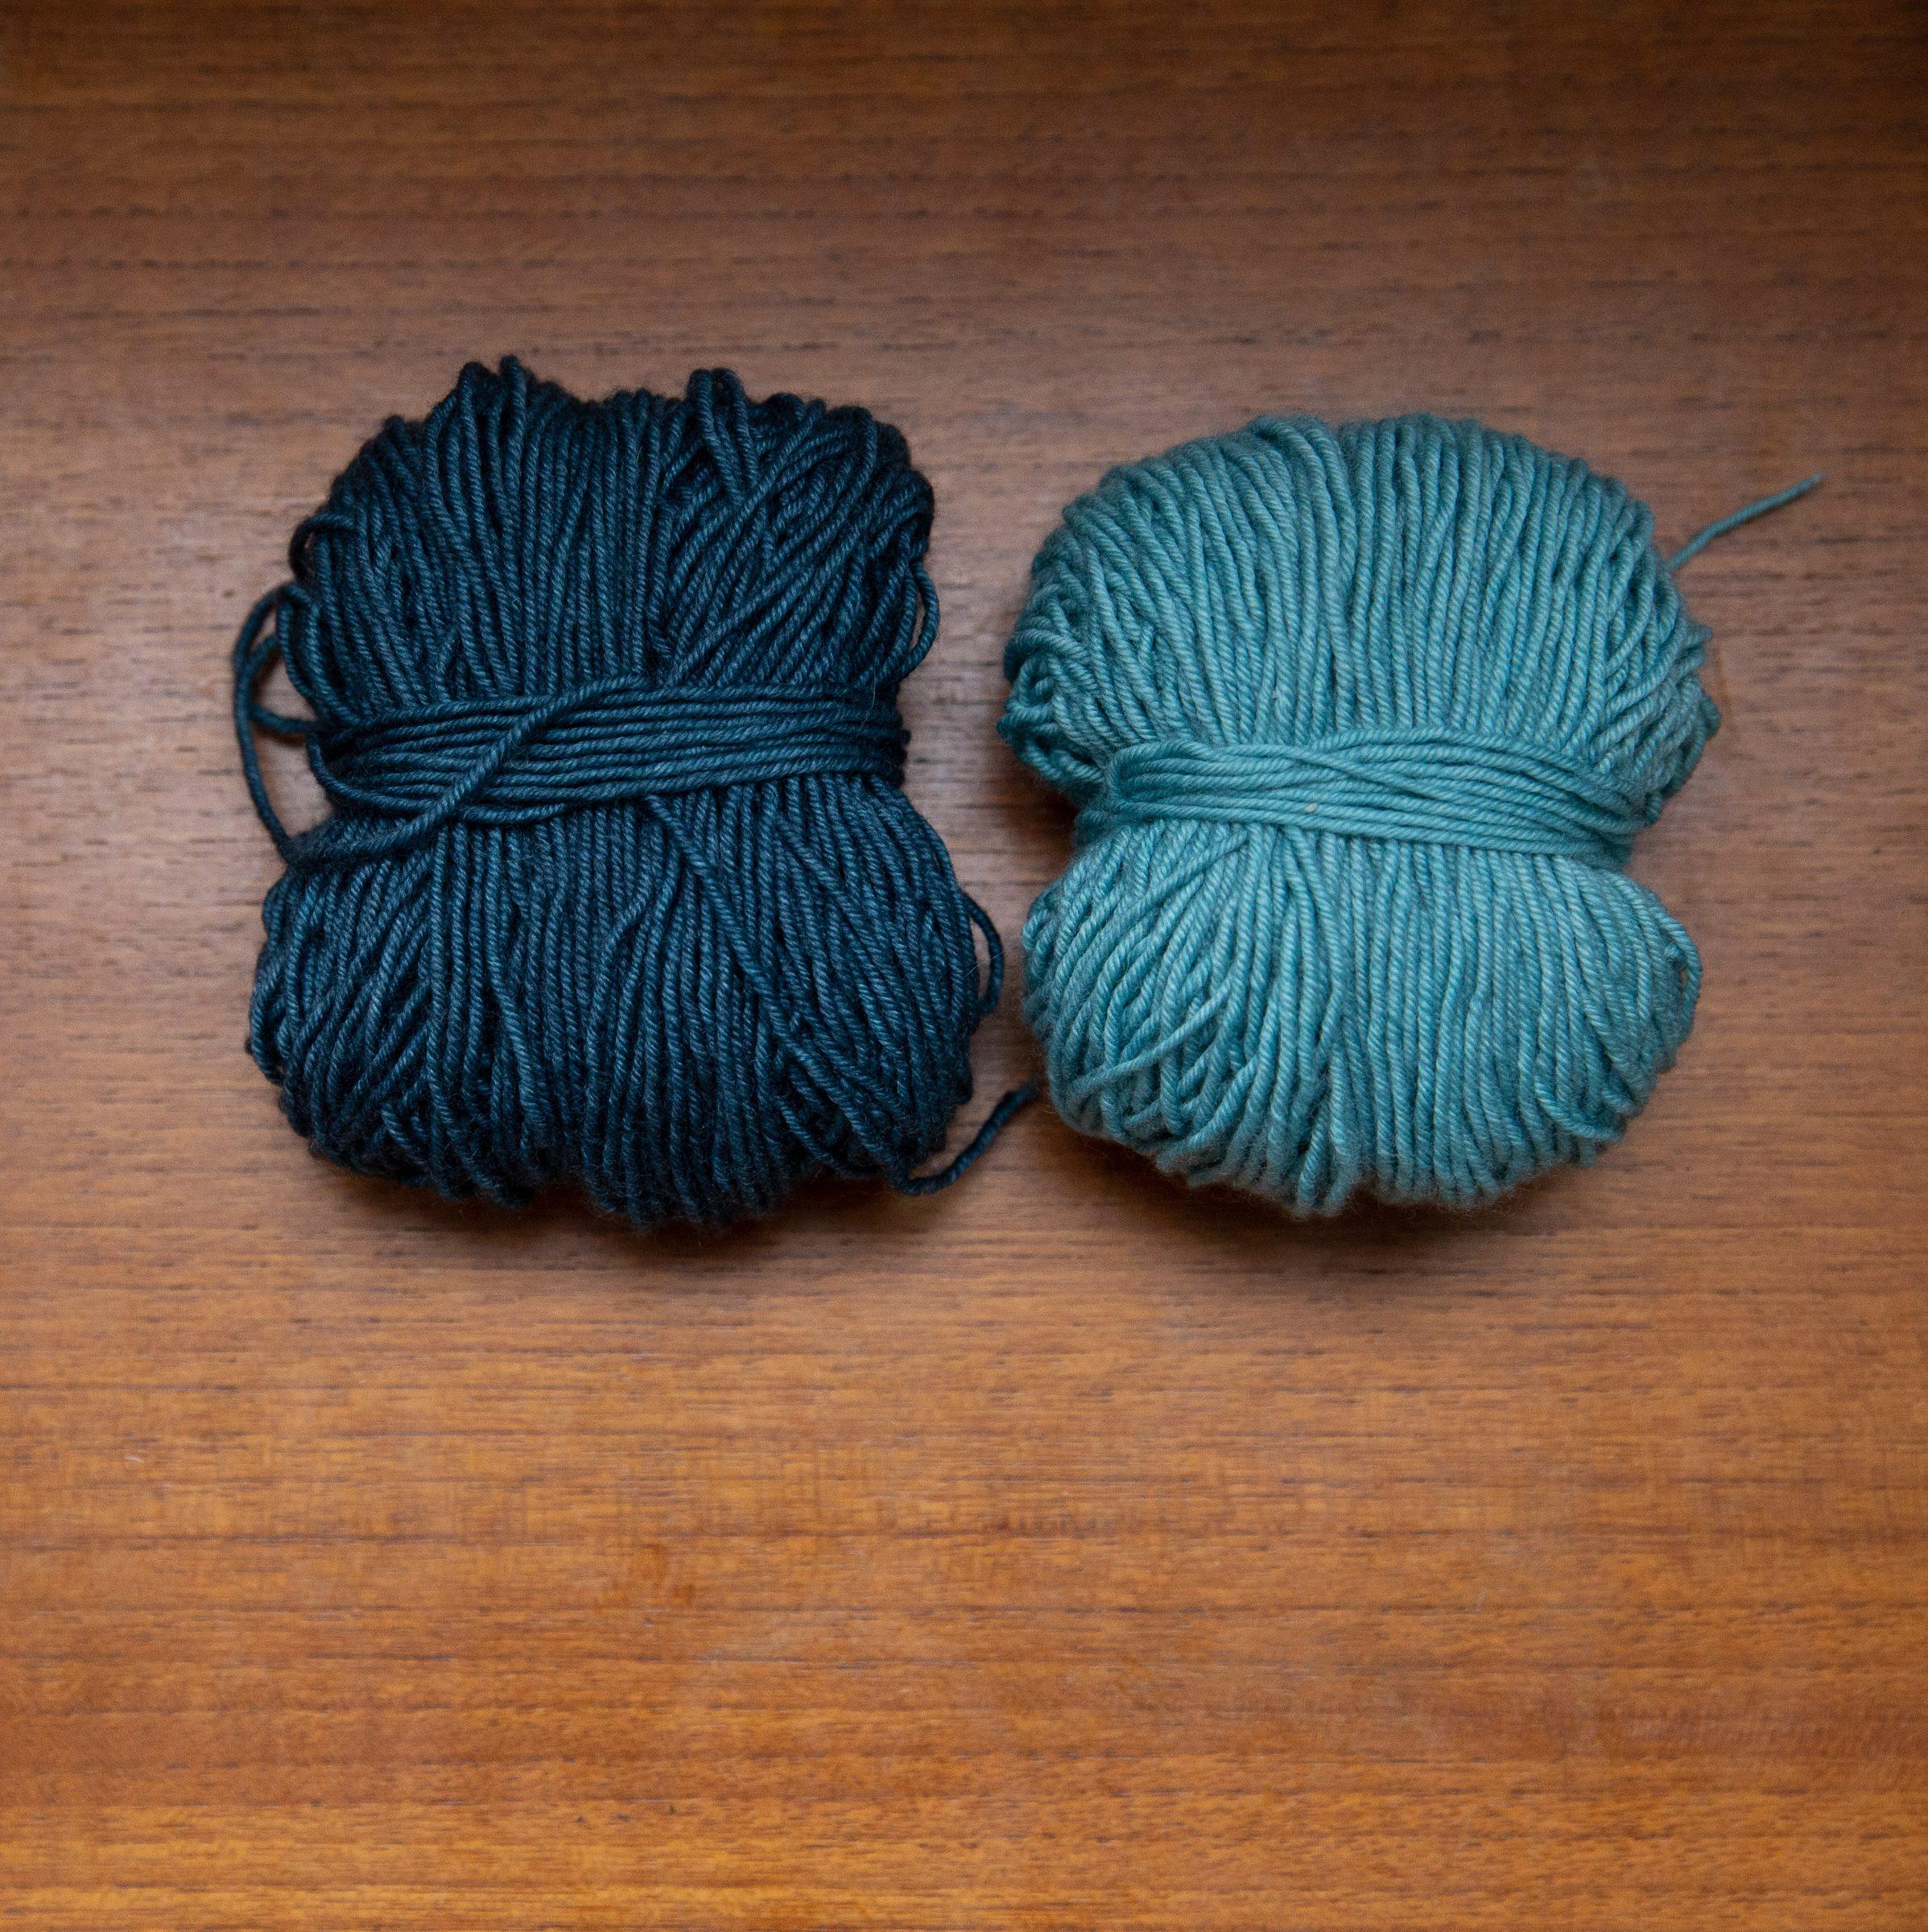 A ball of dark grey-blue yarn and a ball of light grey-blue yarn